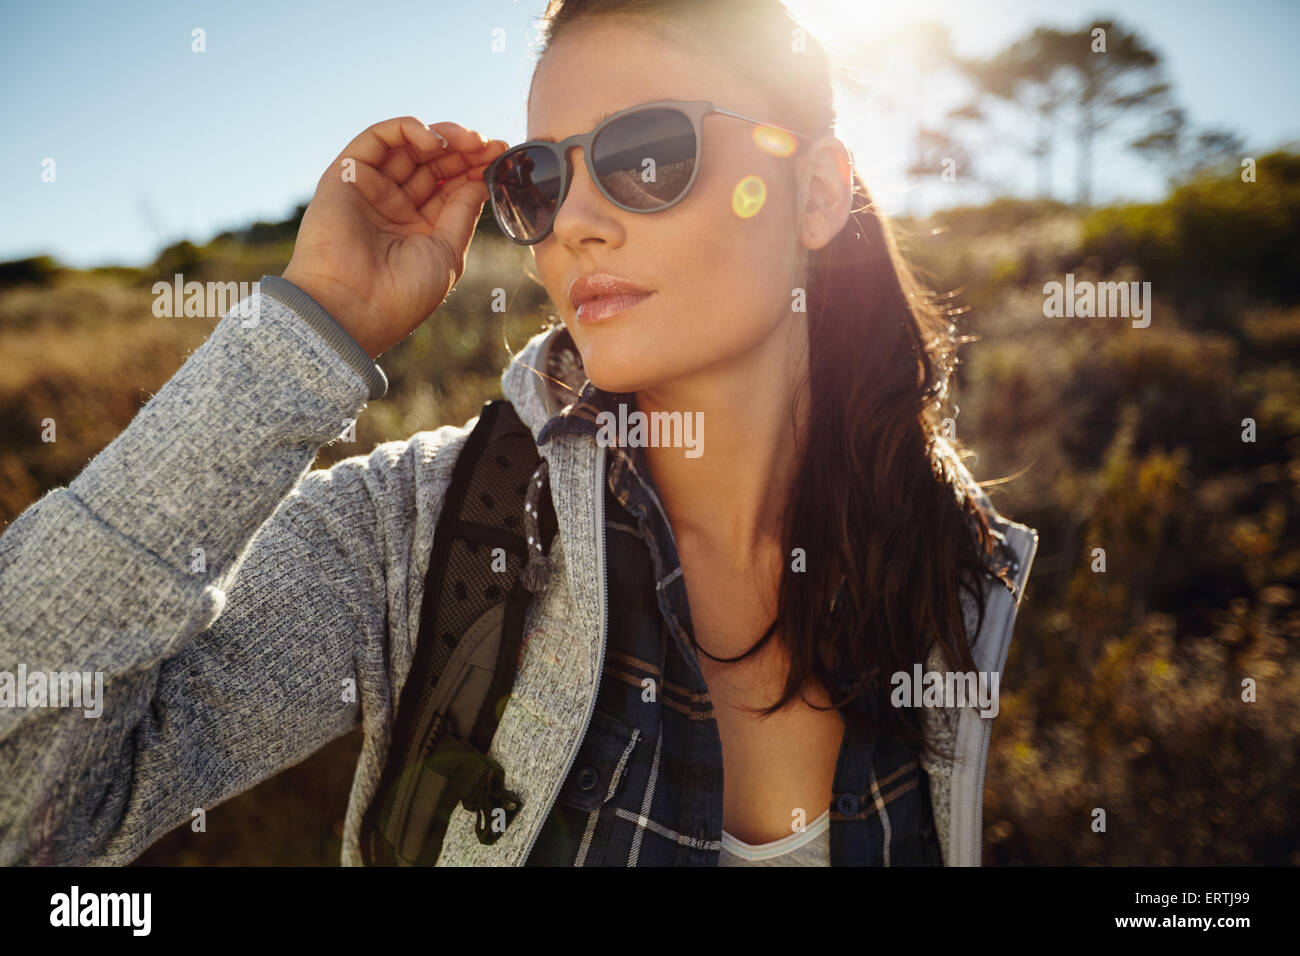 Ritratto bella giovane donna escursionismo su un giorno d'estate. Femmina caucasica indossando occhiali da sole Immagini Stock